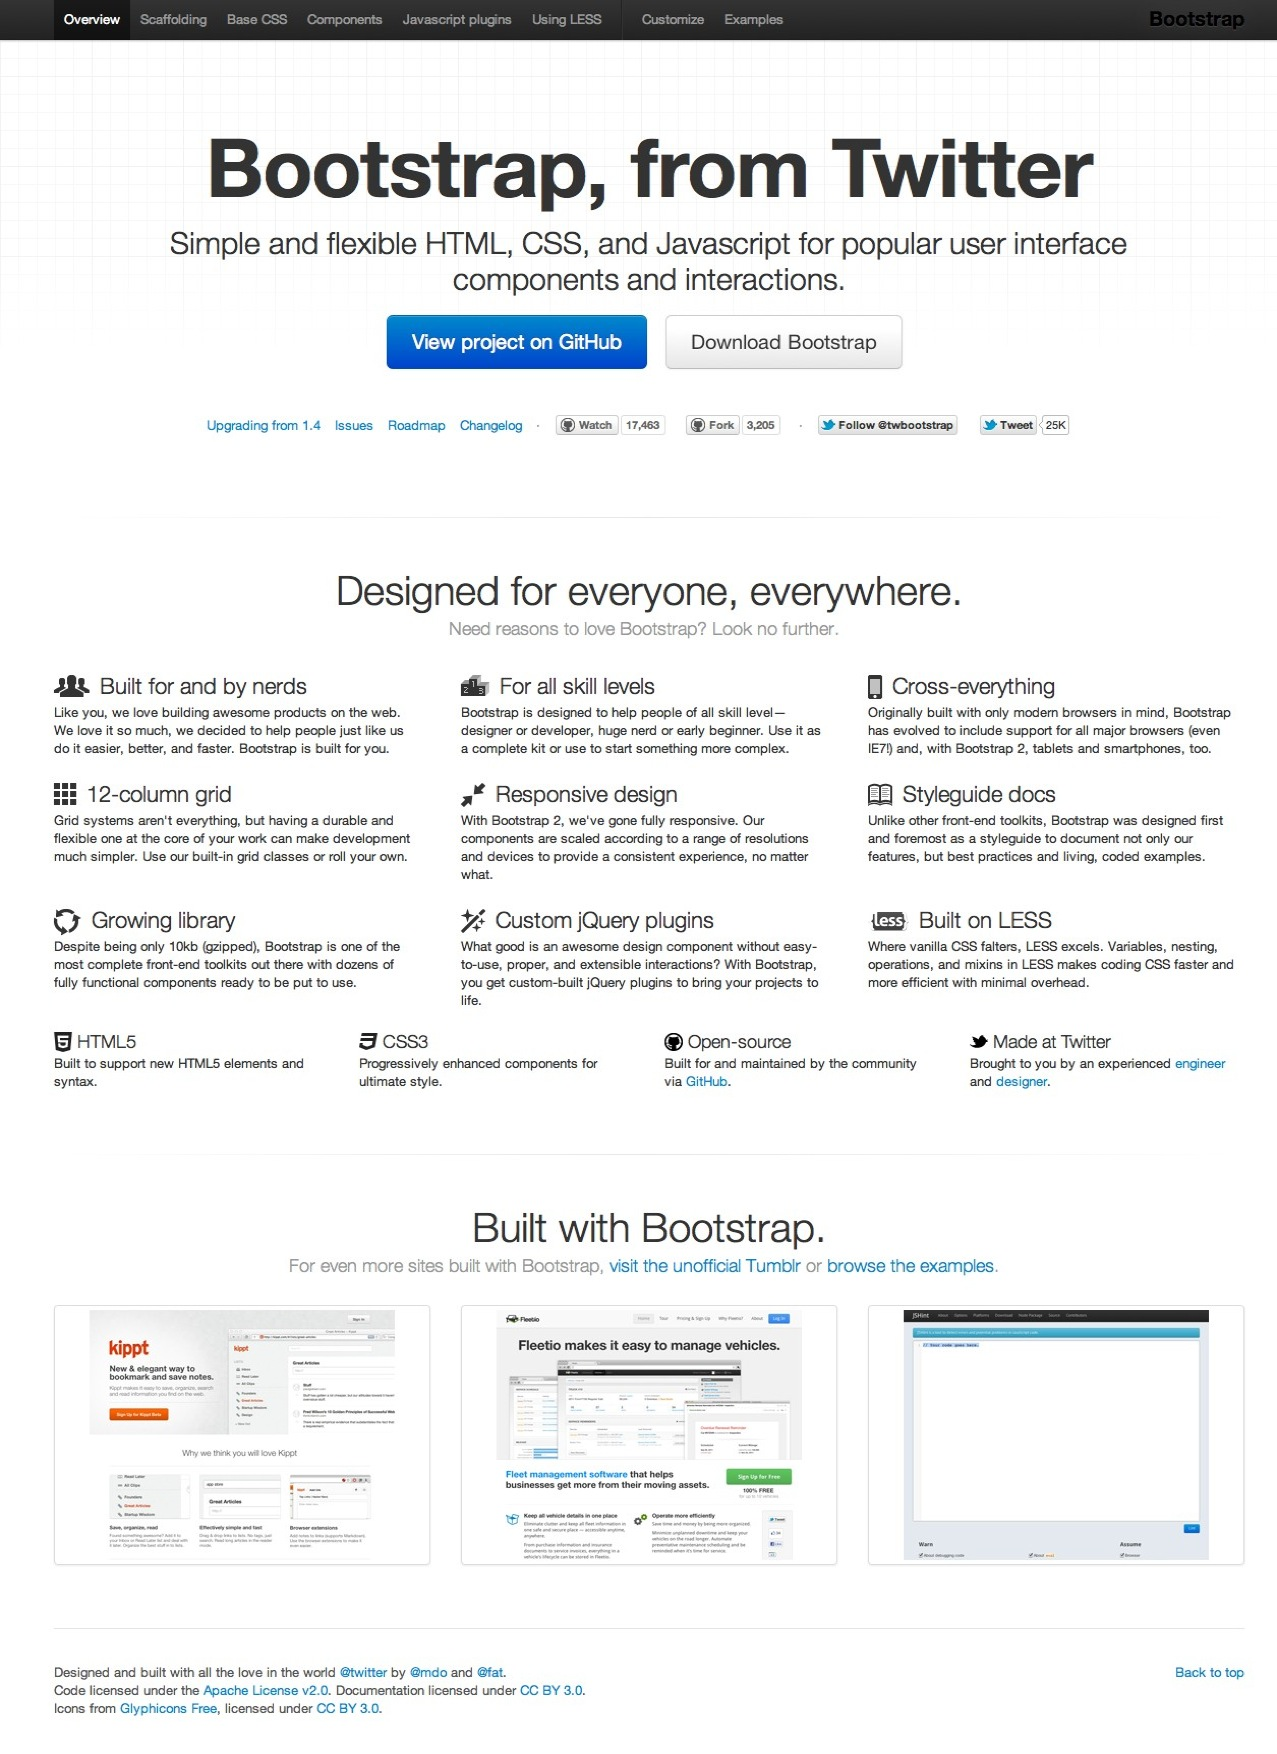 Boostrap di Twitter: un framework CSS da provare, subito.